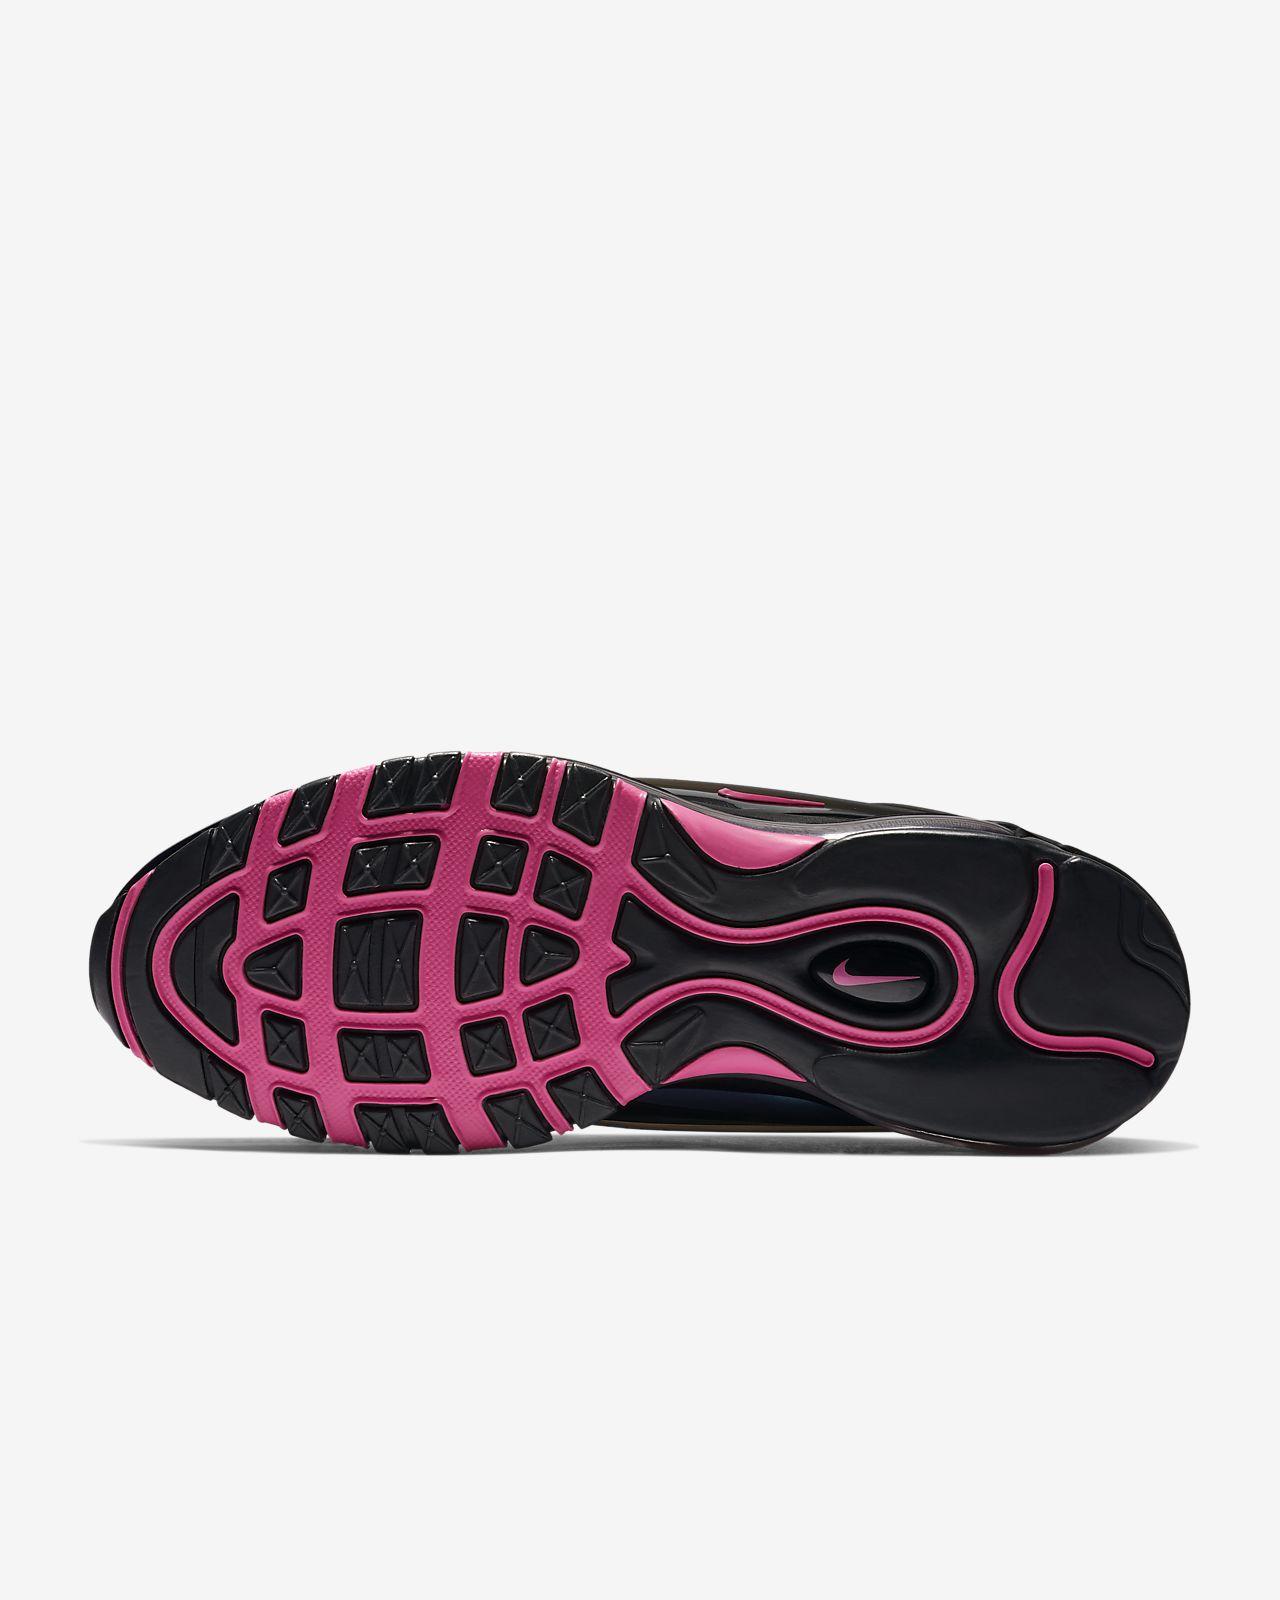 8708b44597 Nike Air Max Deluxe Men's Shoe. Nike.com